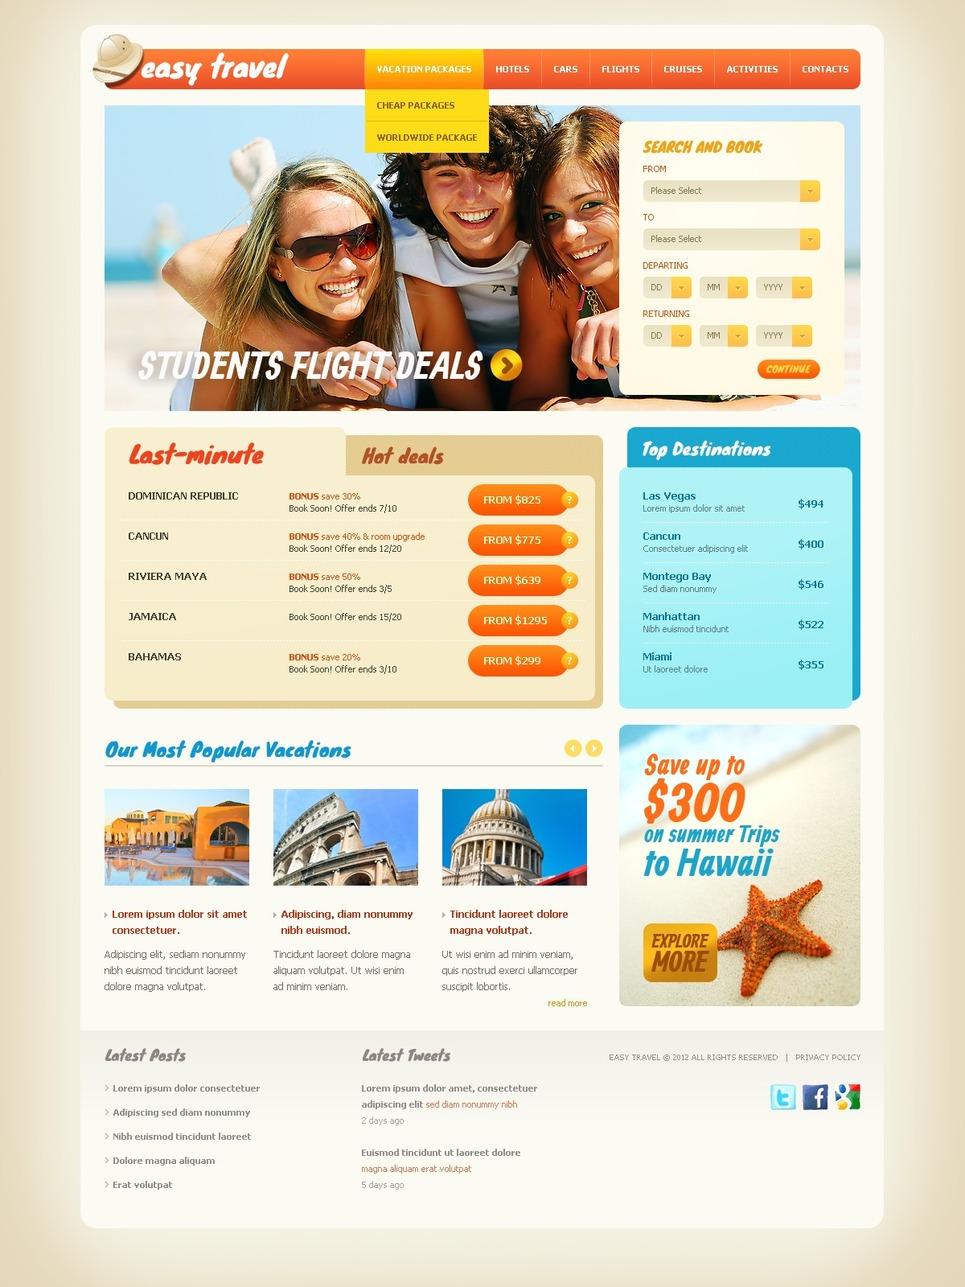 Travel Guide Website Template New Screenshots BIG